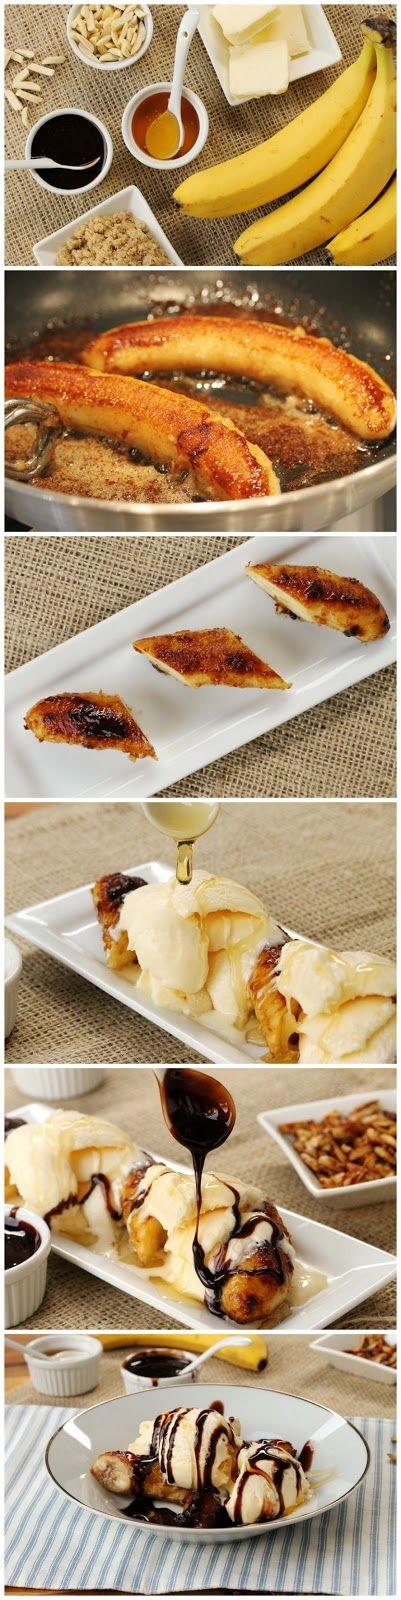 Brown Butter Banana Dessert Recipe @Nat Valik Gonzalez Mamá apunta!!! mmmmmmm bananassss